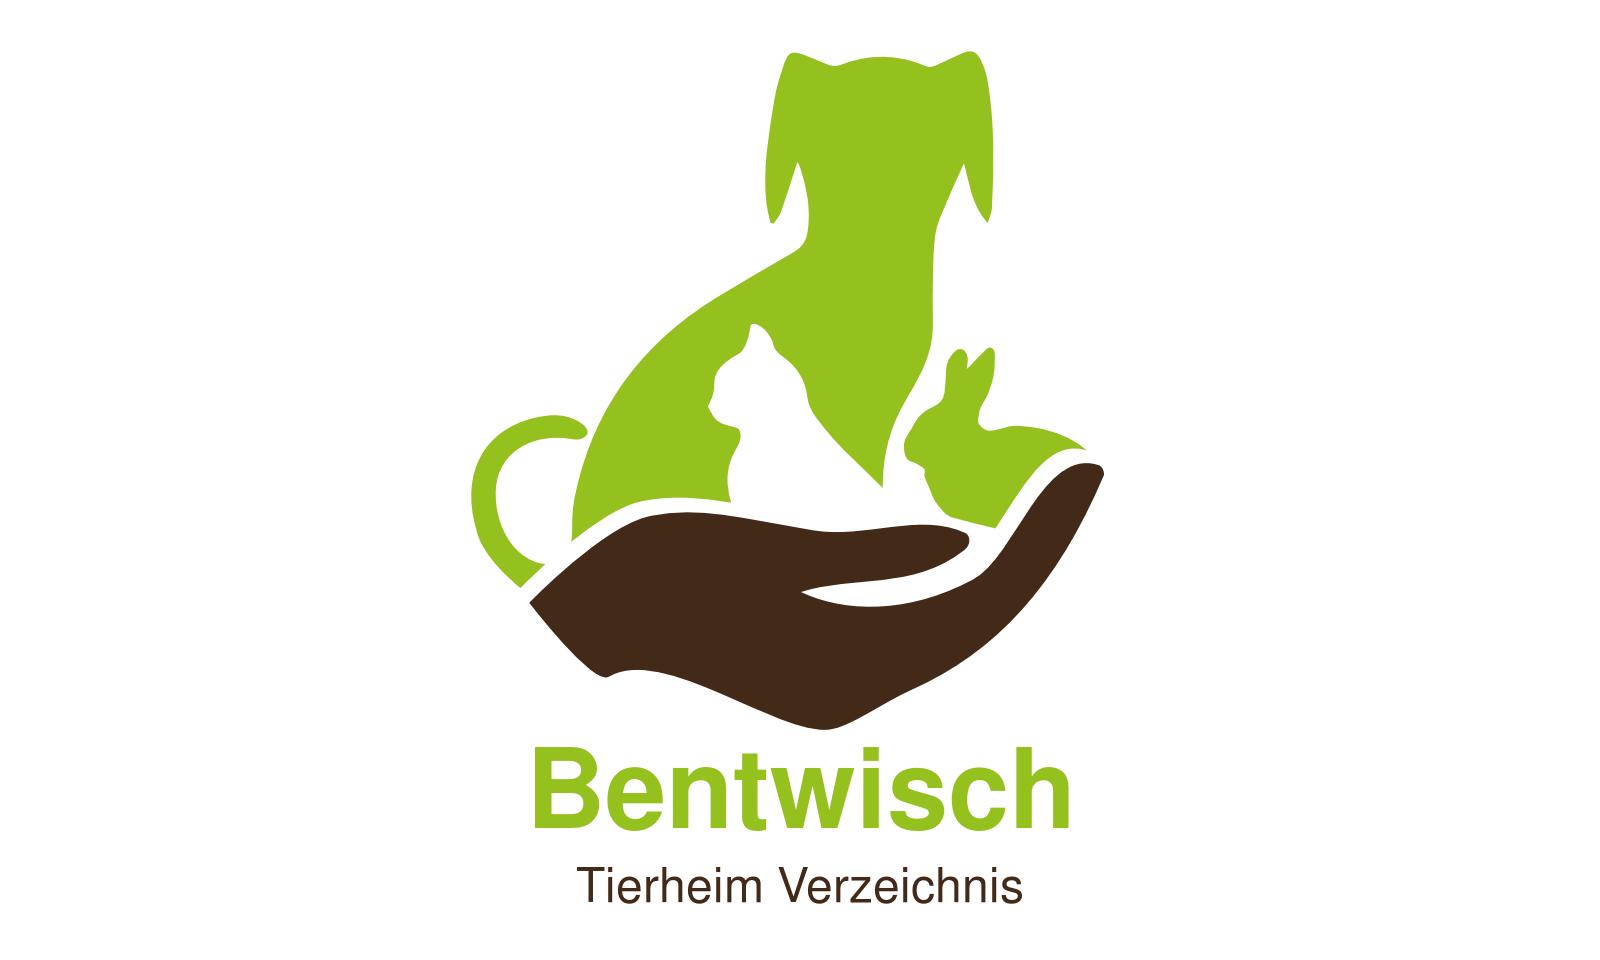 Tierheim Bentwisch